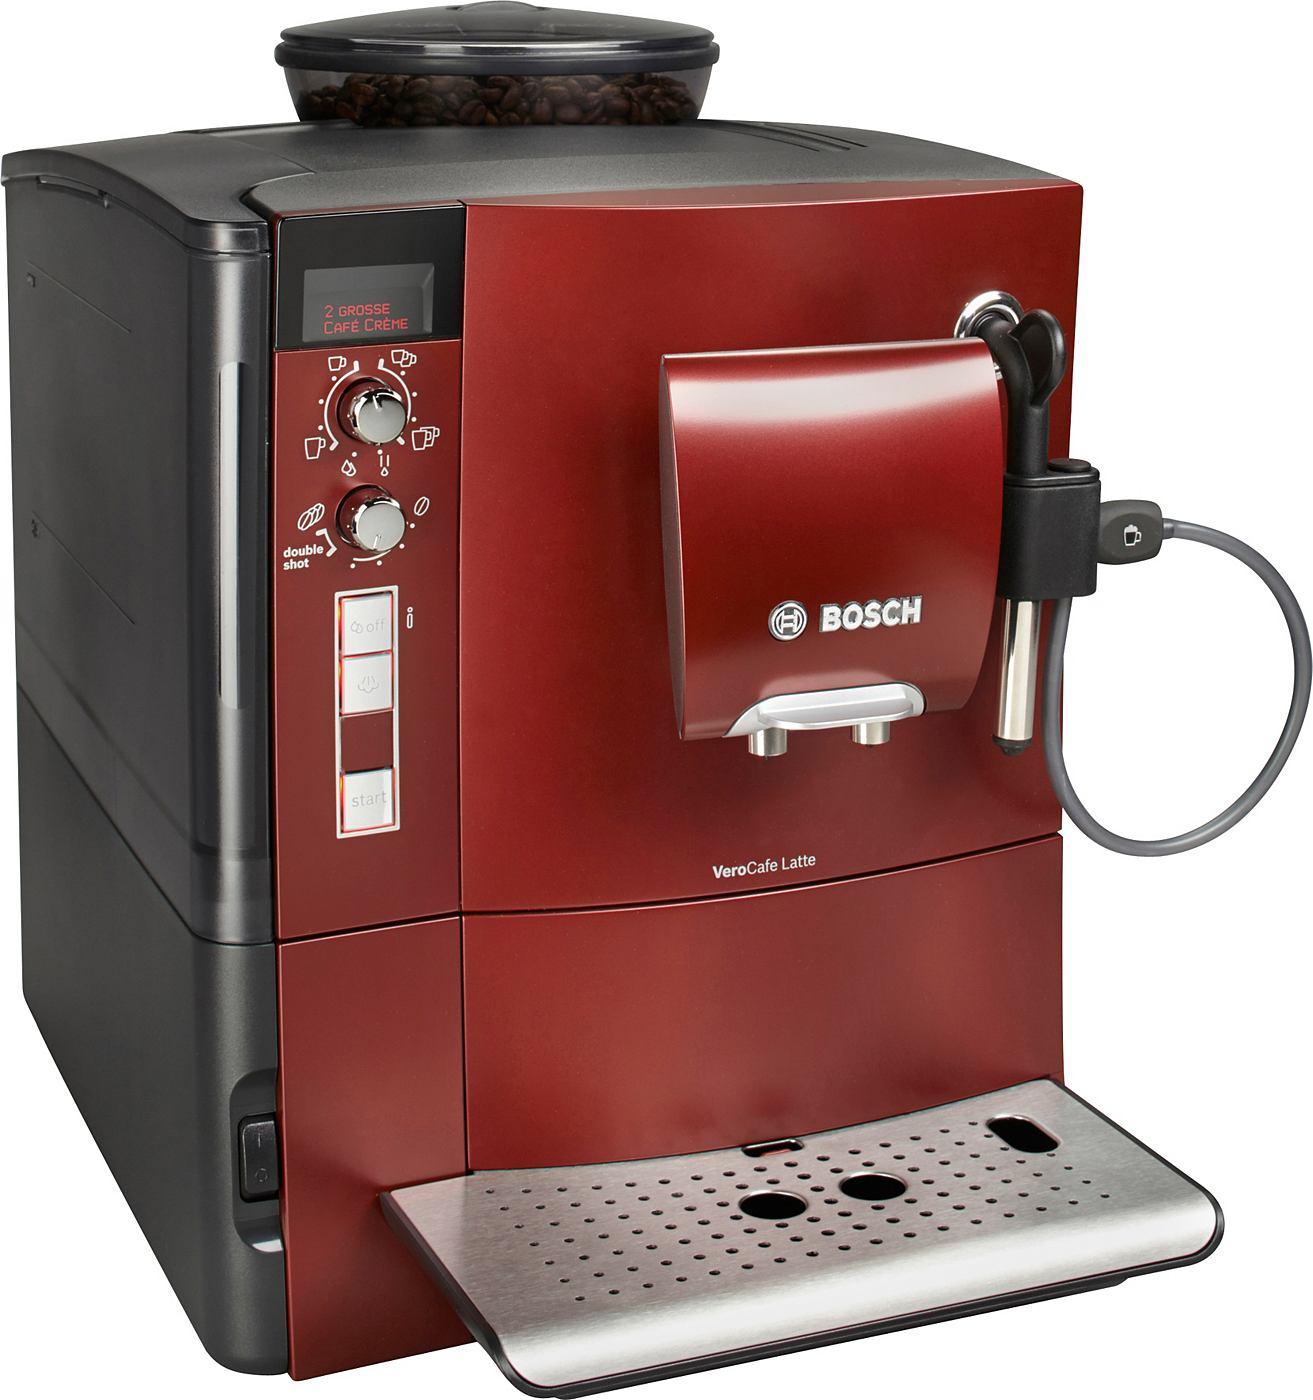 Bosch Kaffeevollautomat »VeroCafe Latte TES50358DE  # Kaffeemaschine Delonghi Entkalken